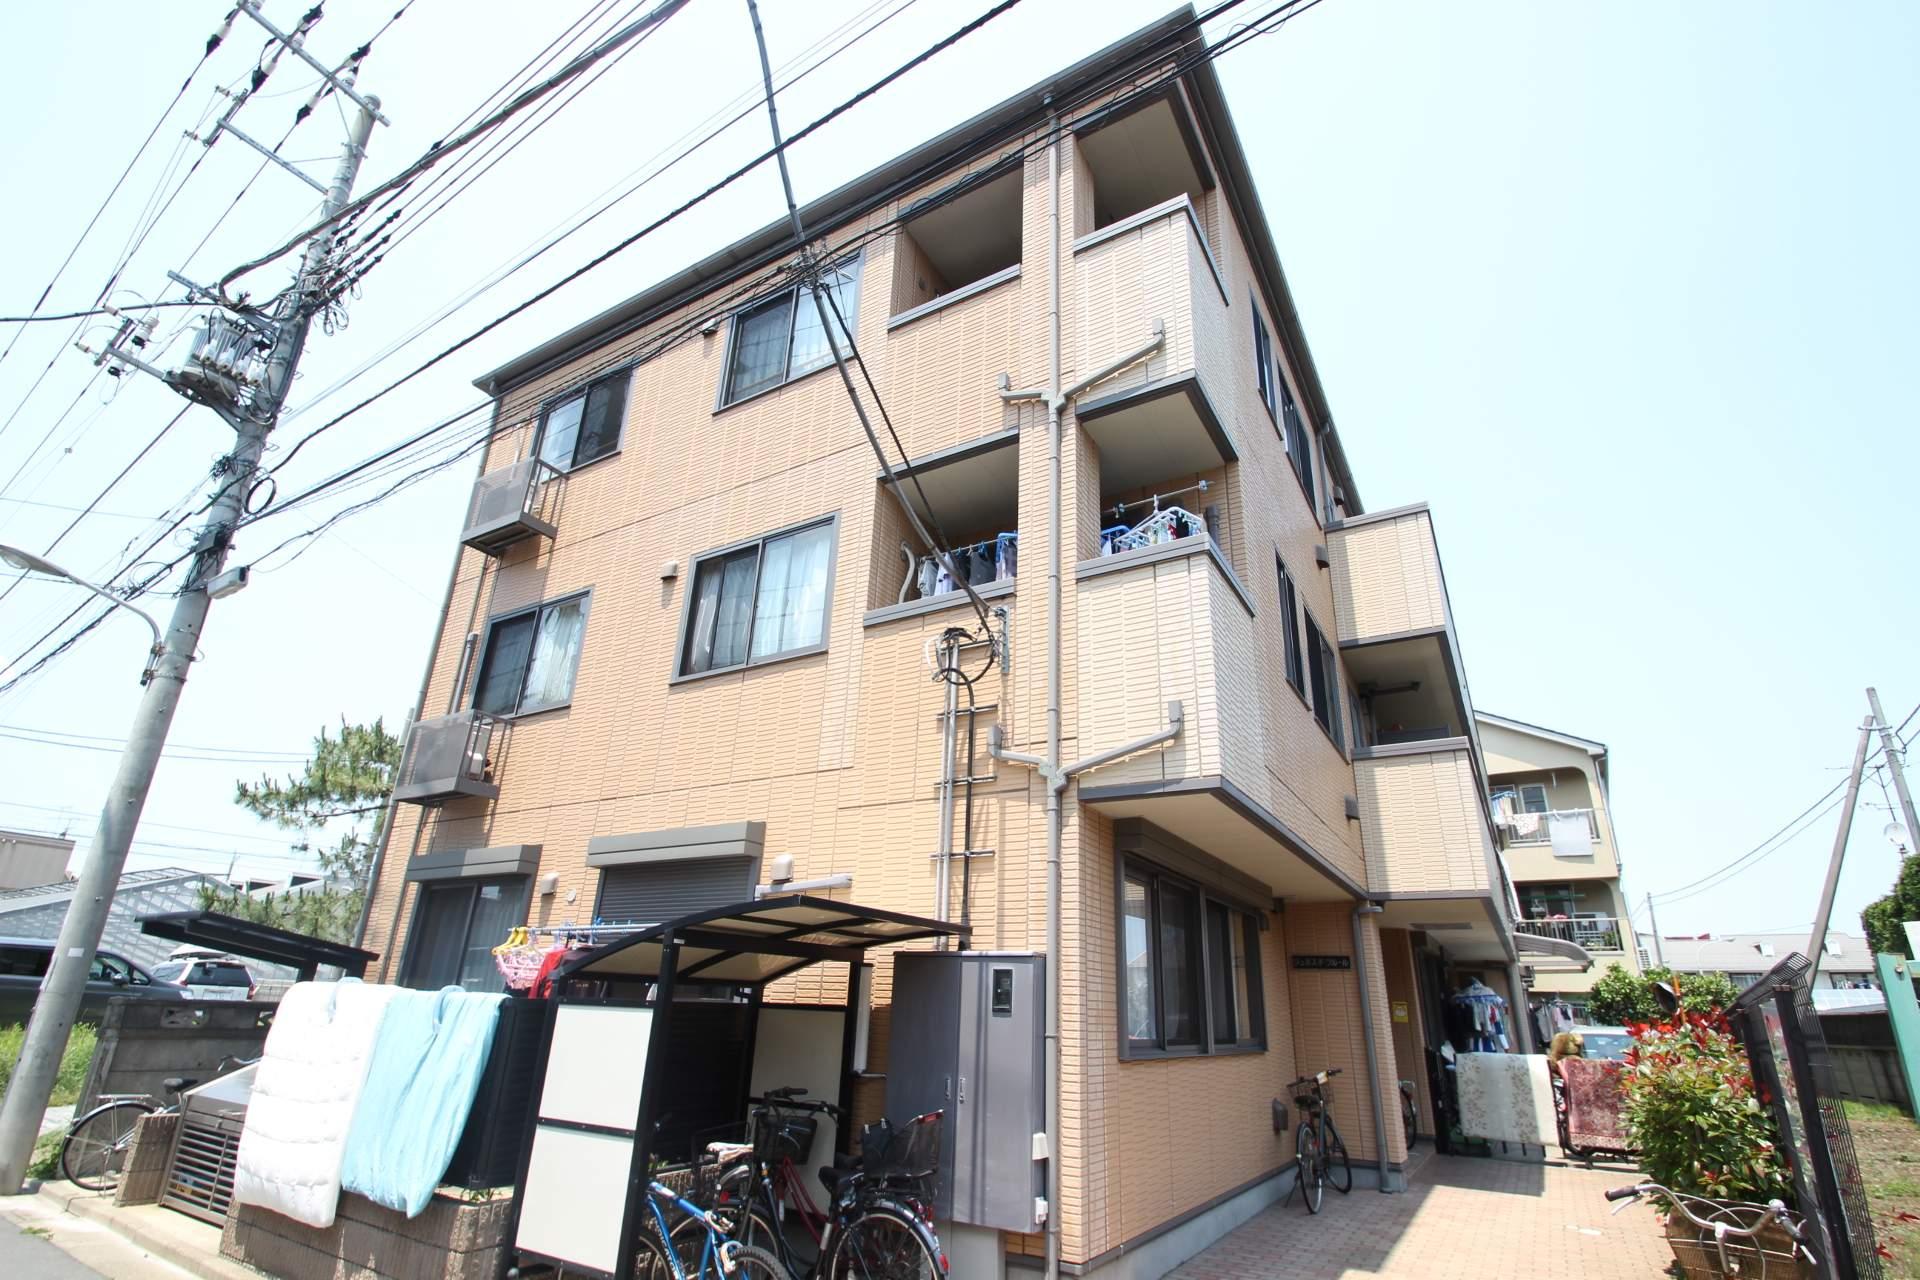 東京都江戸川区、篠崎駅徒歩17分の築12年 3階建の賃貸マンション